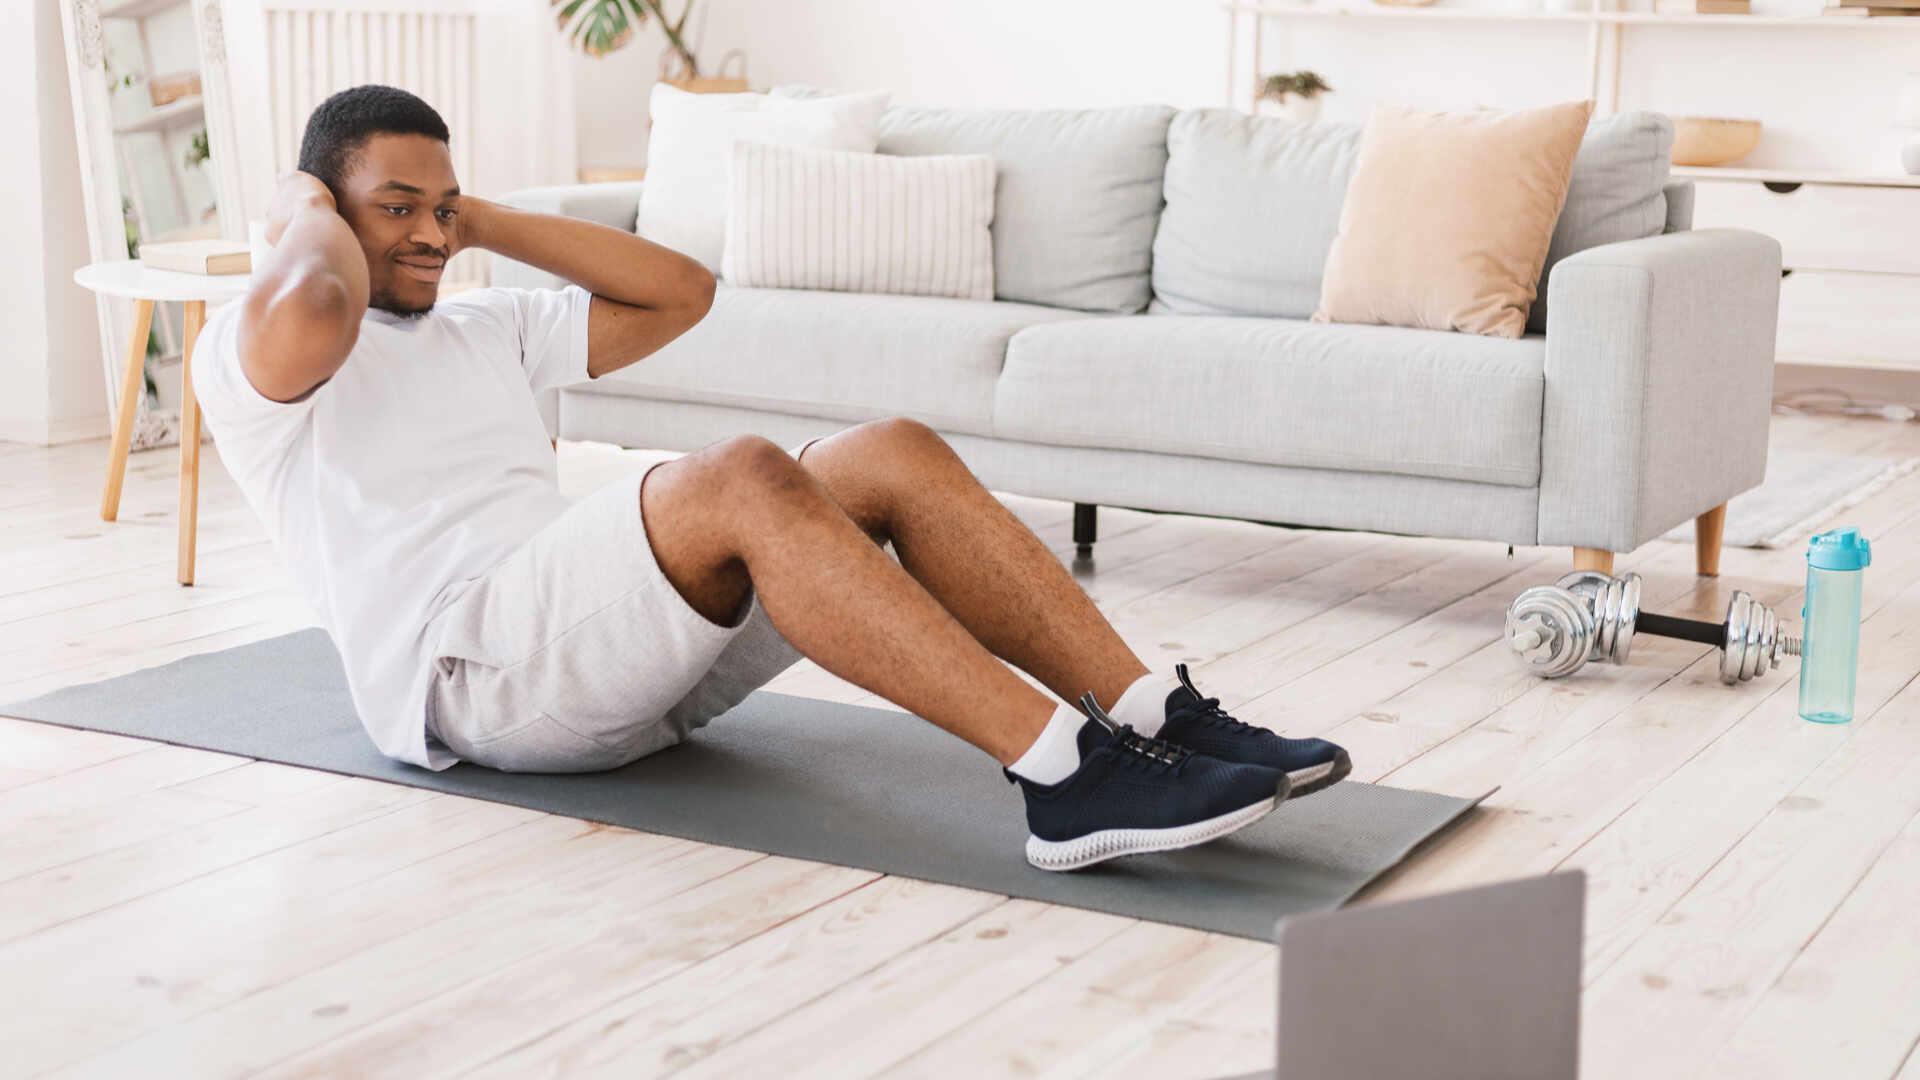 Homem negro fazendo abdominal em sua sala de estar